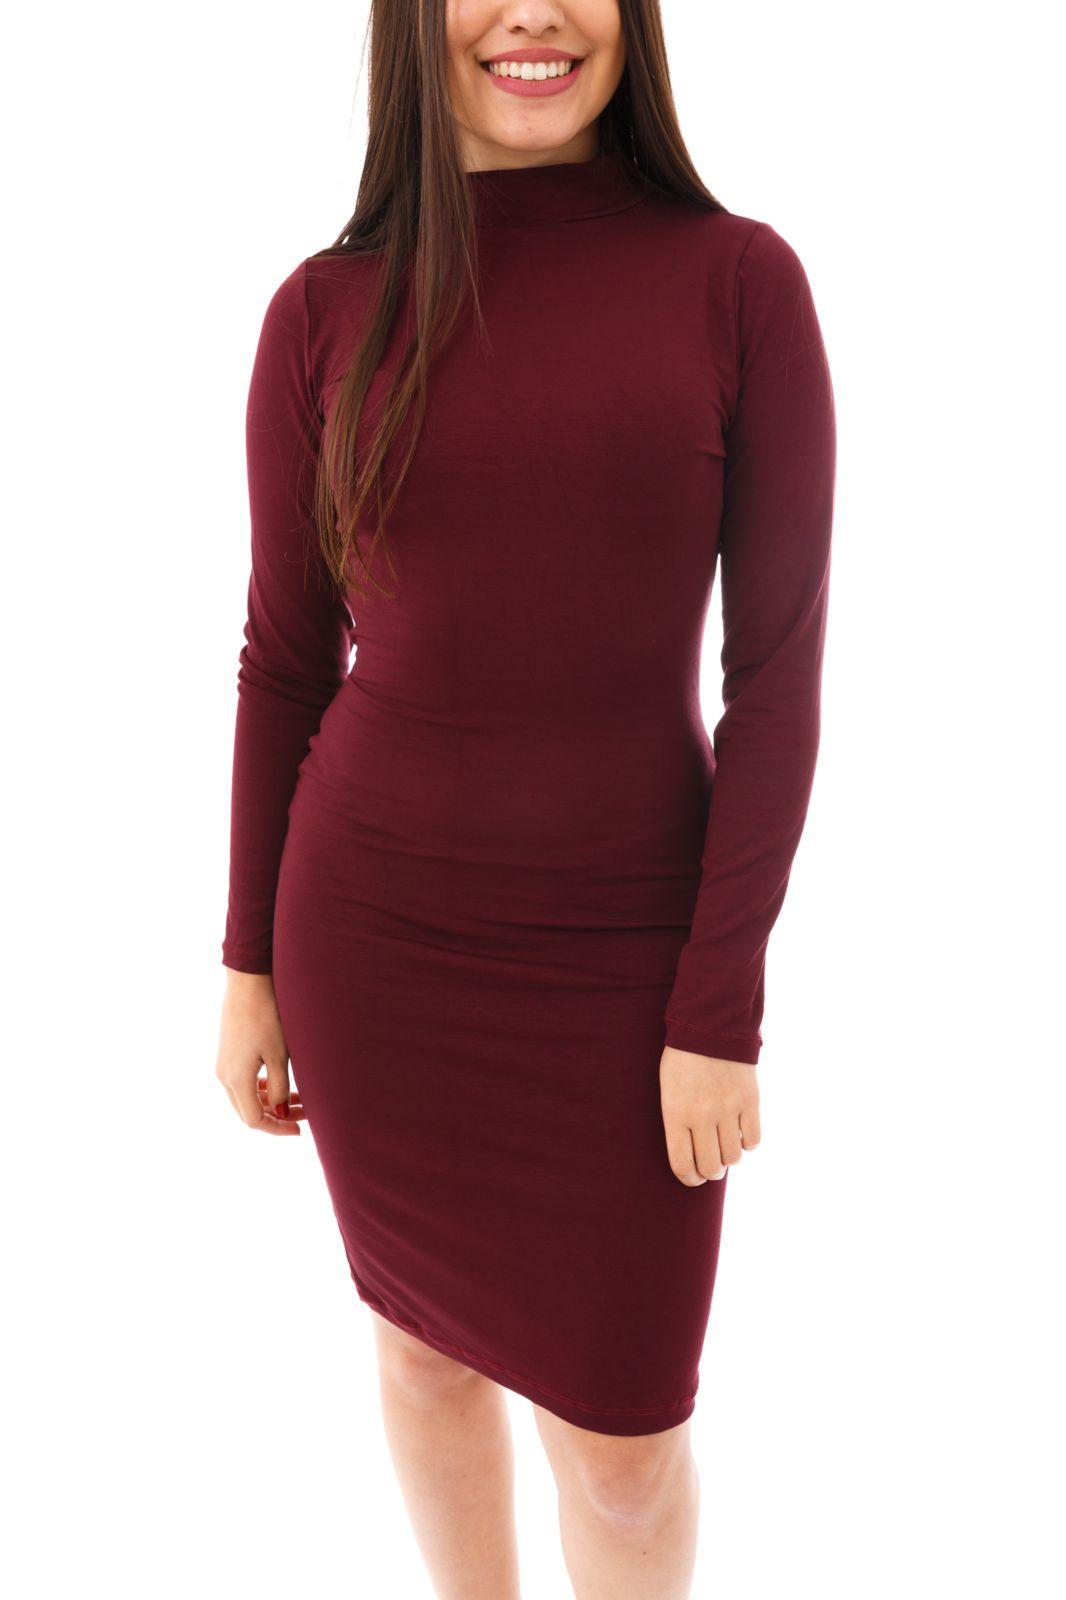 Vestido Moda Vício Midi Gola Alta Manga Longa Vinho